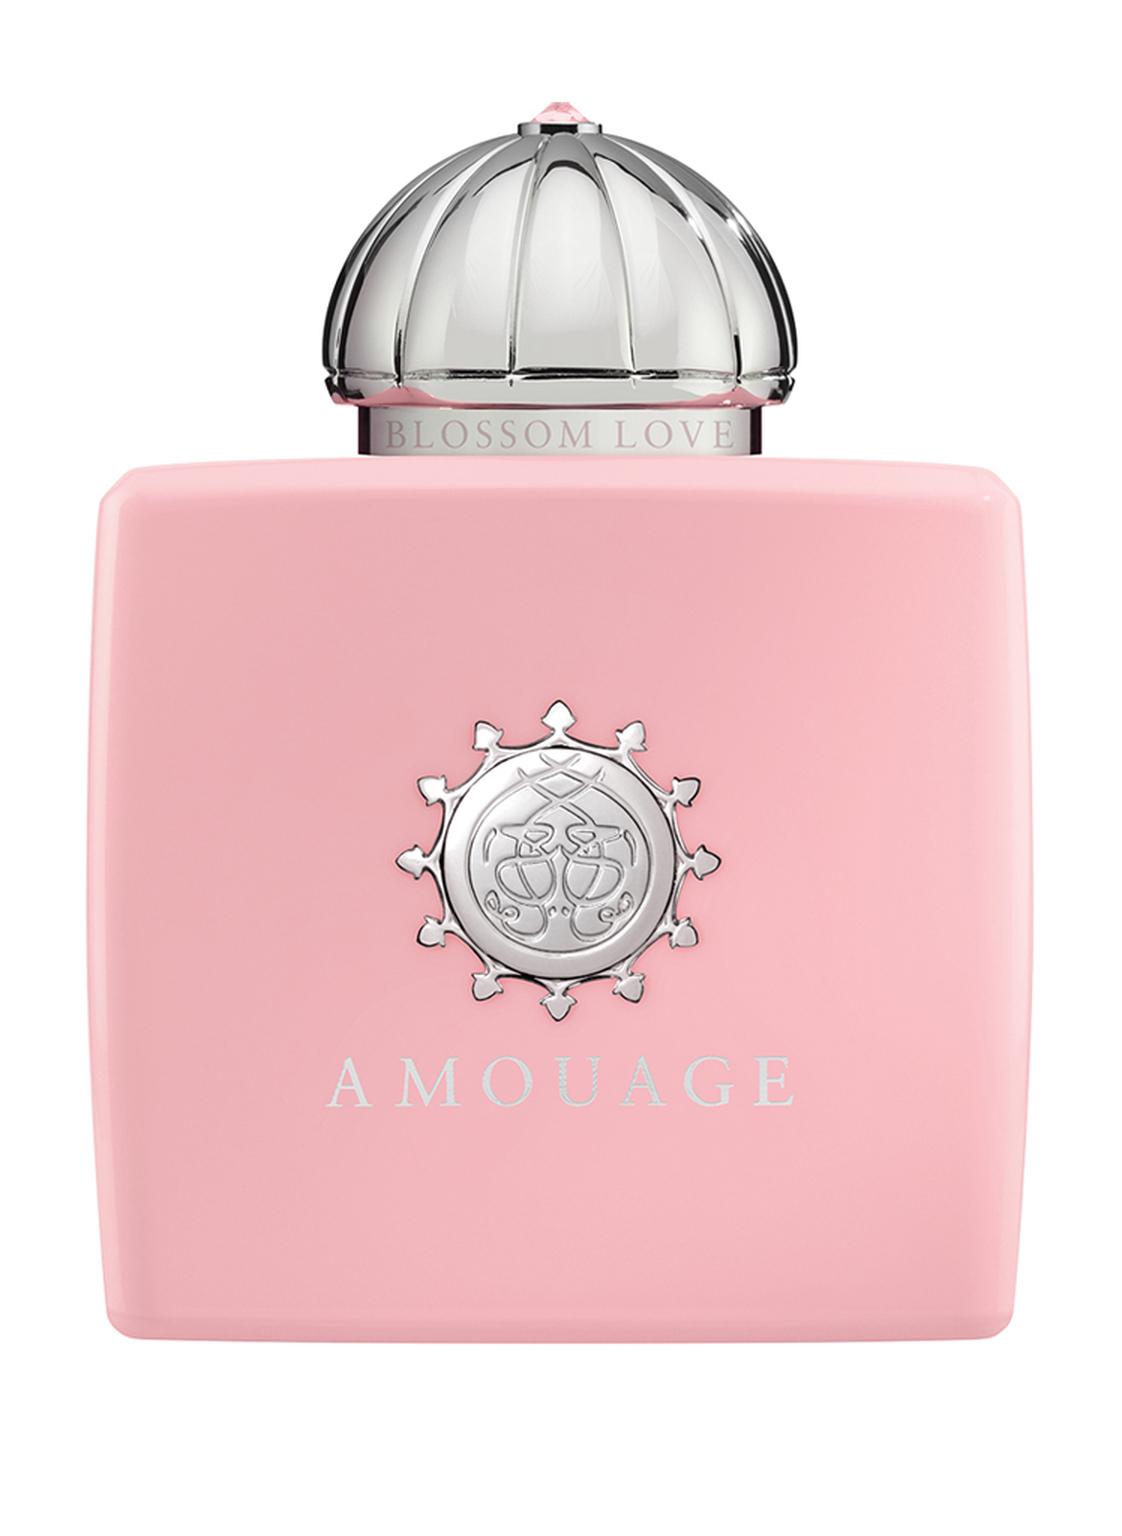 Image of Amouage Blossom Love Eau de Parfum 50 ml